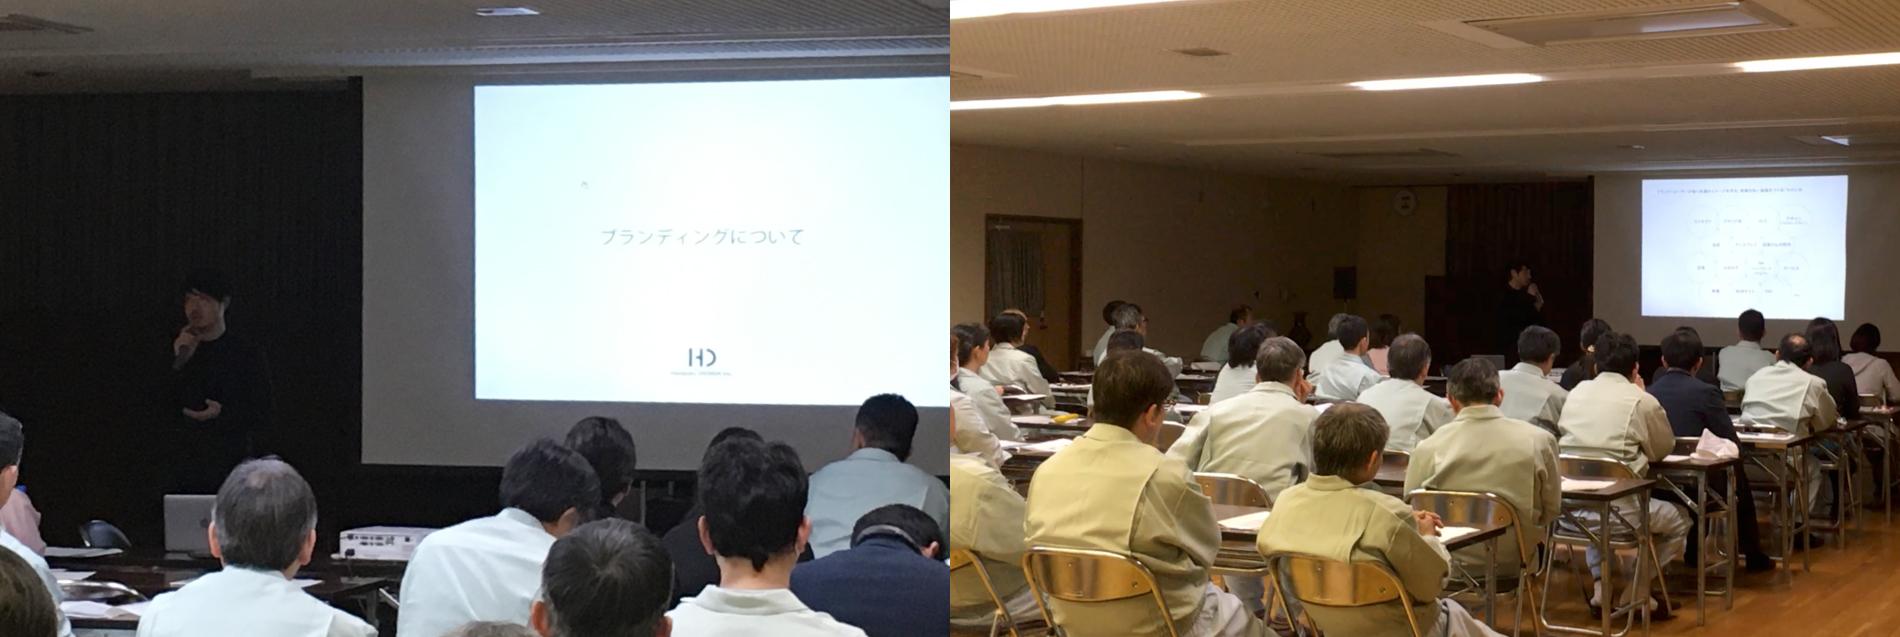 ヤヱガキ酒造株式会社ブランディング講演 柳 圭一郎